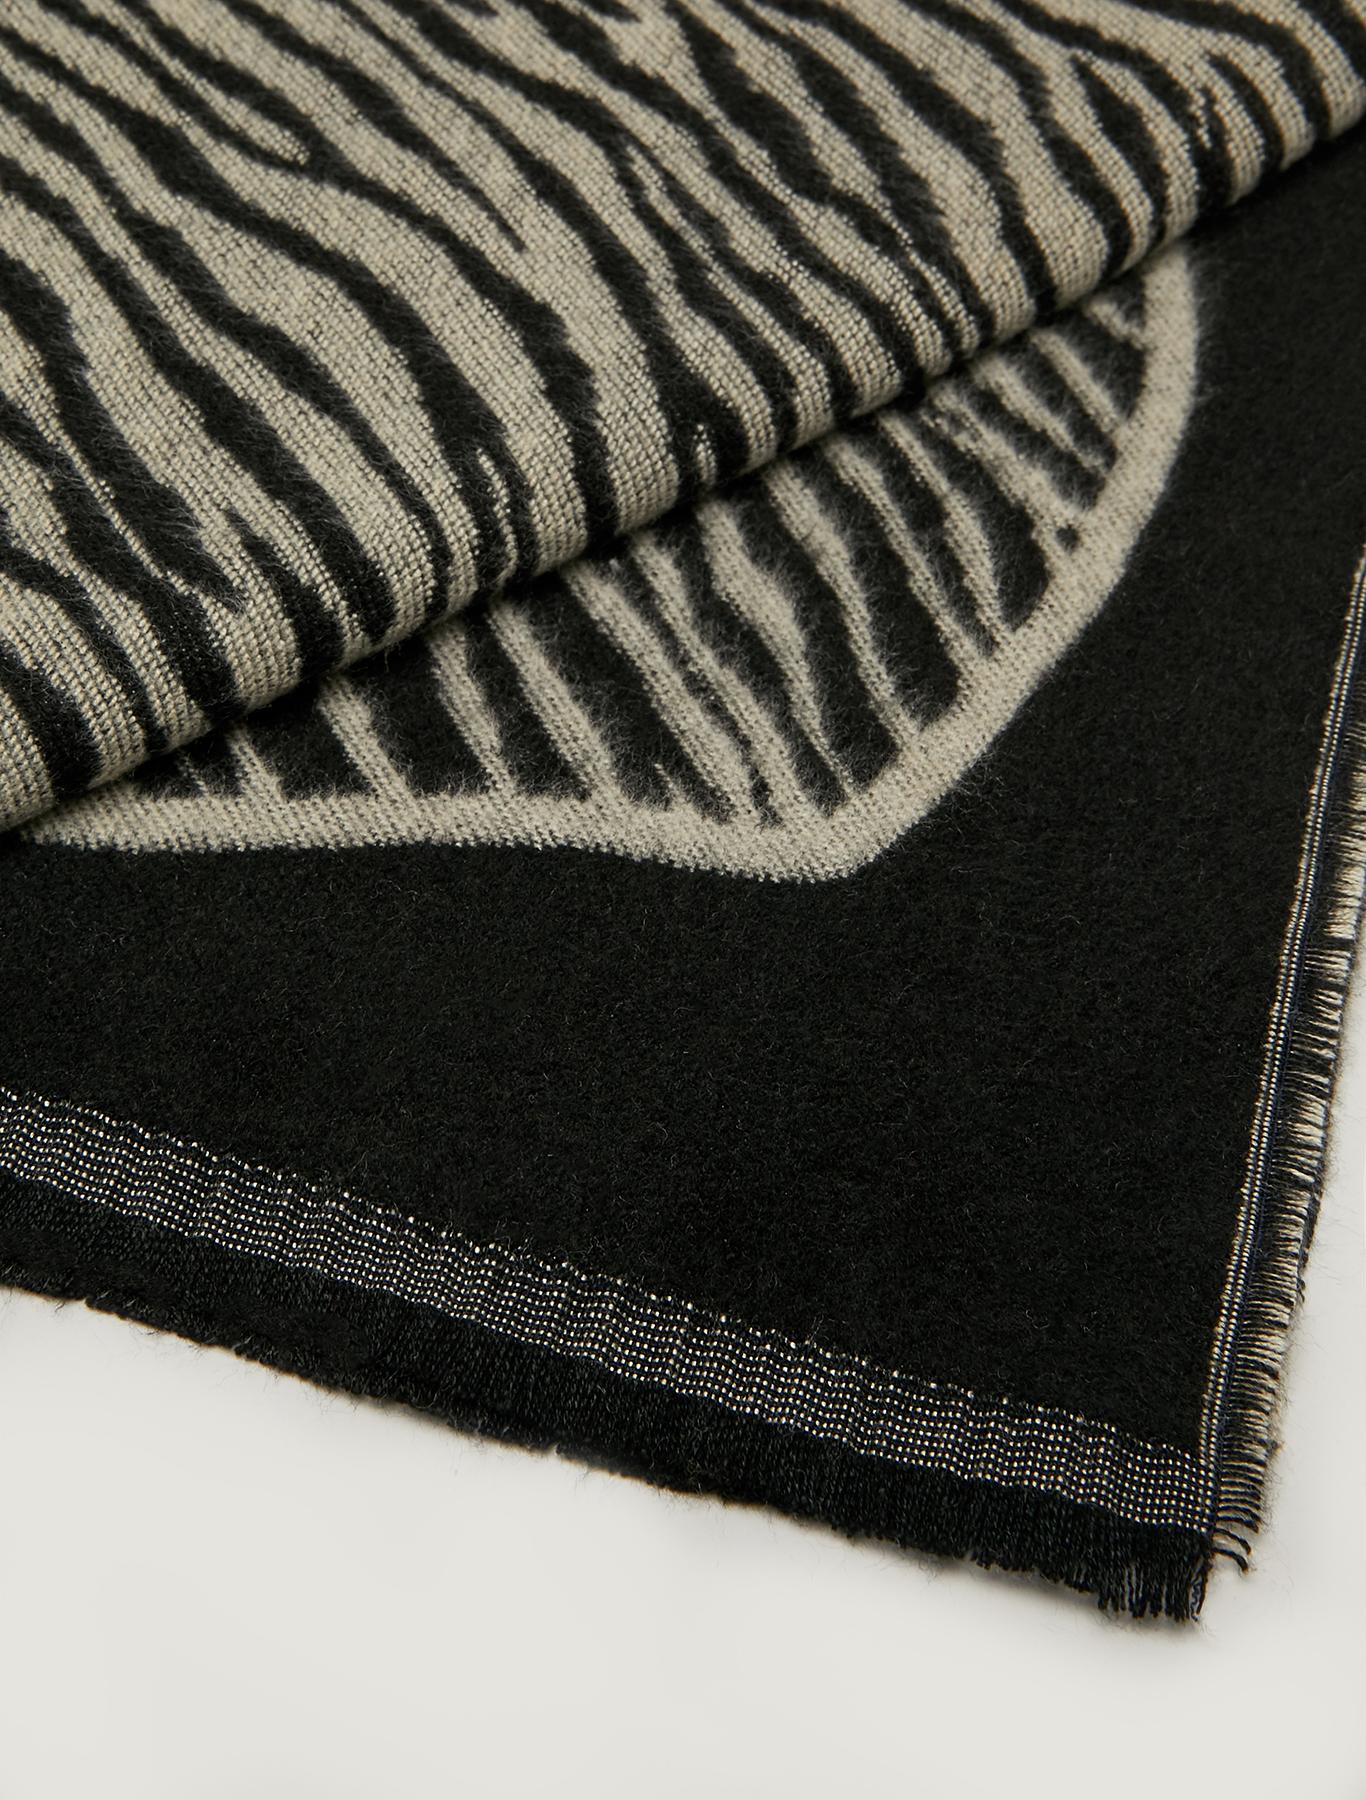 Jacquard pattern stole - black - pennyblack